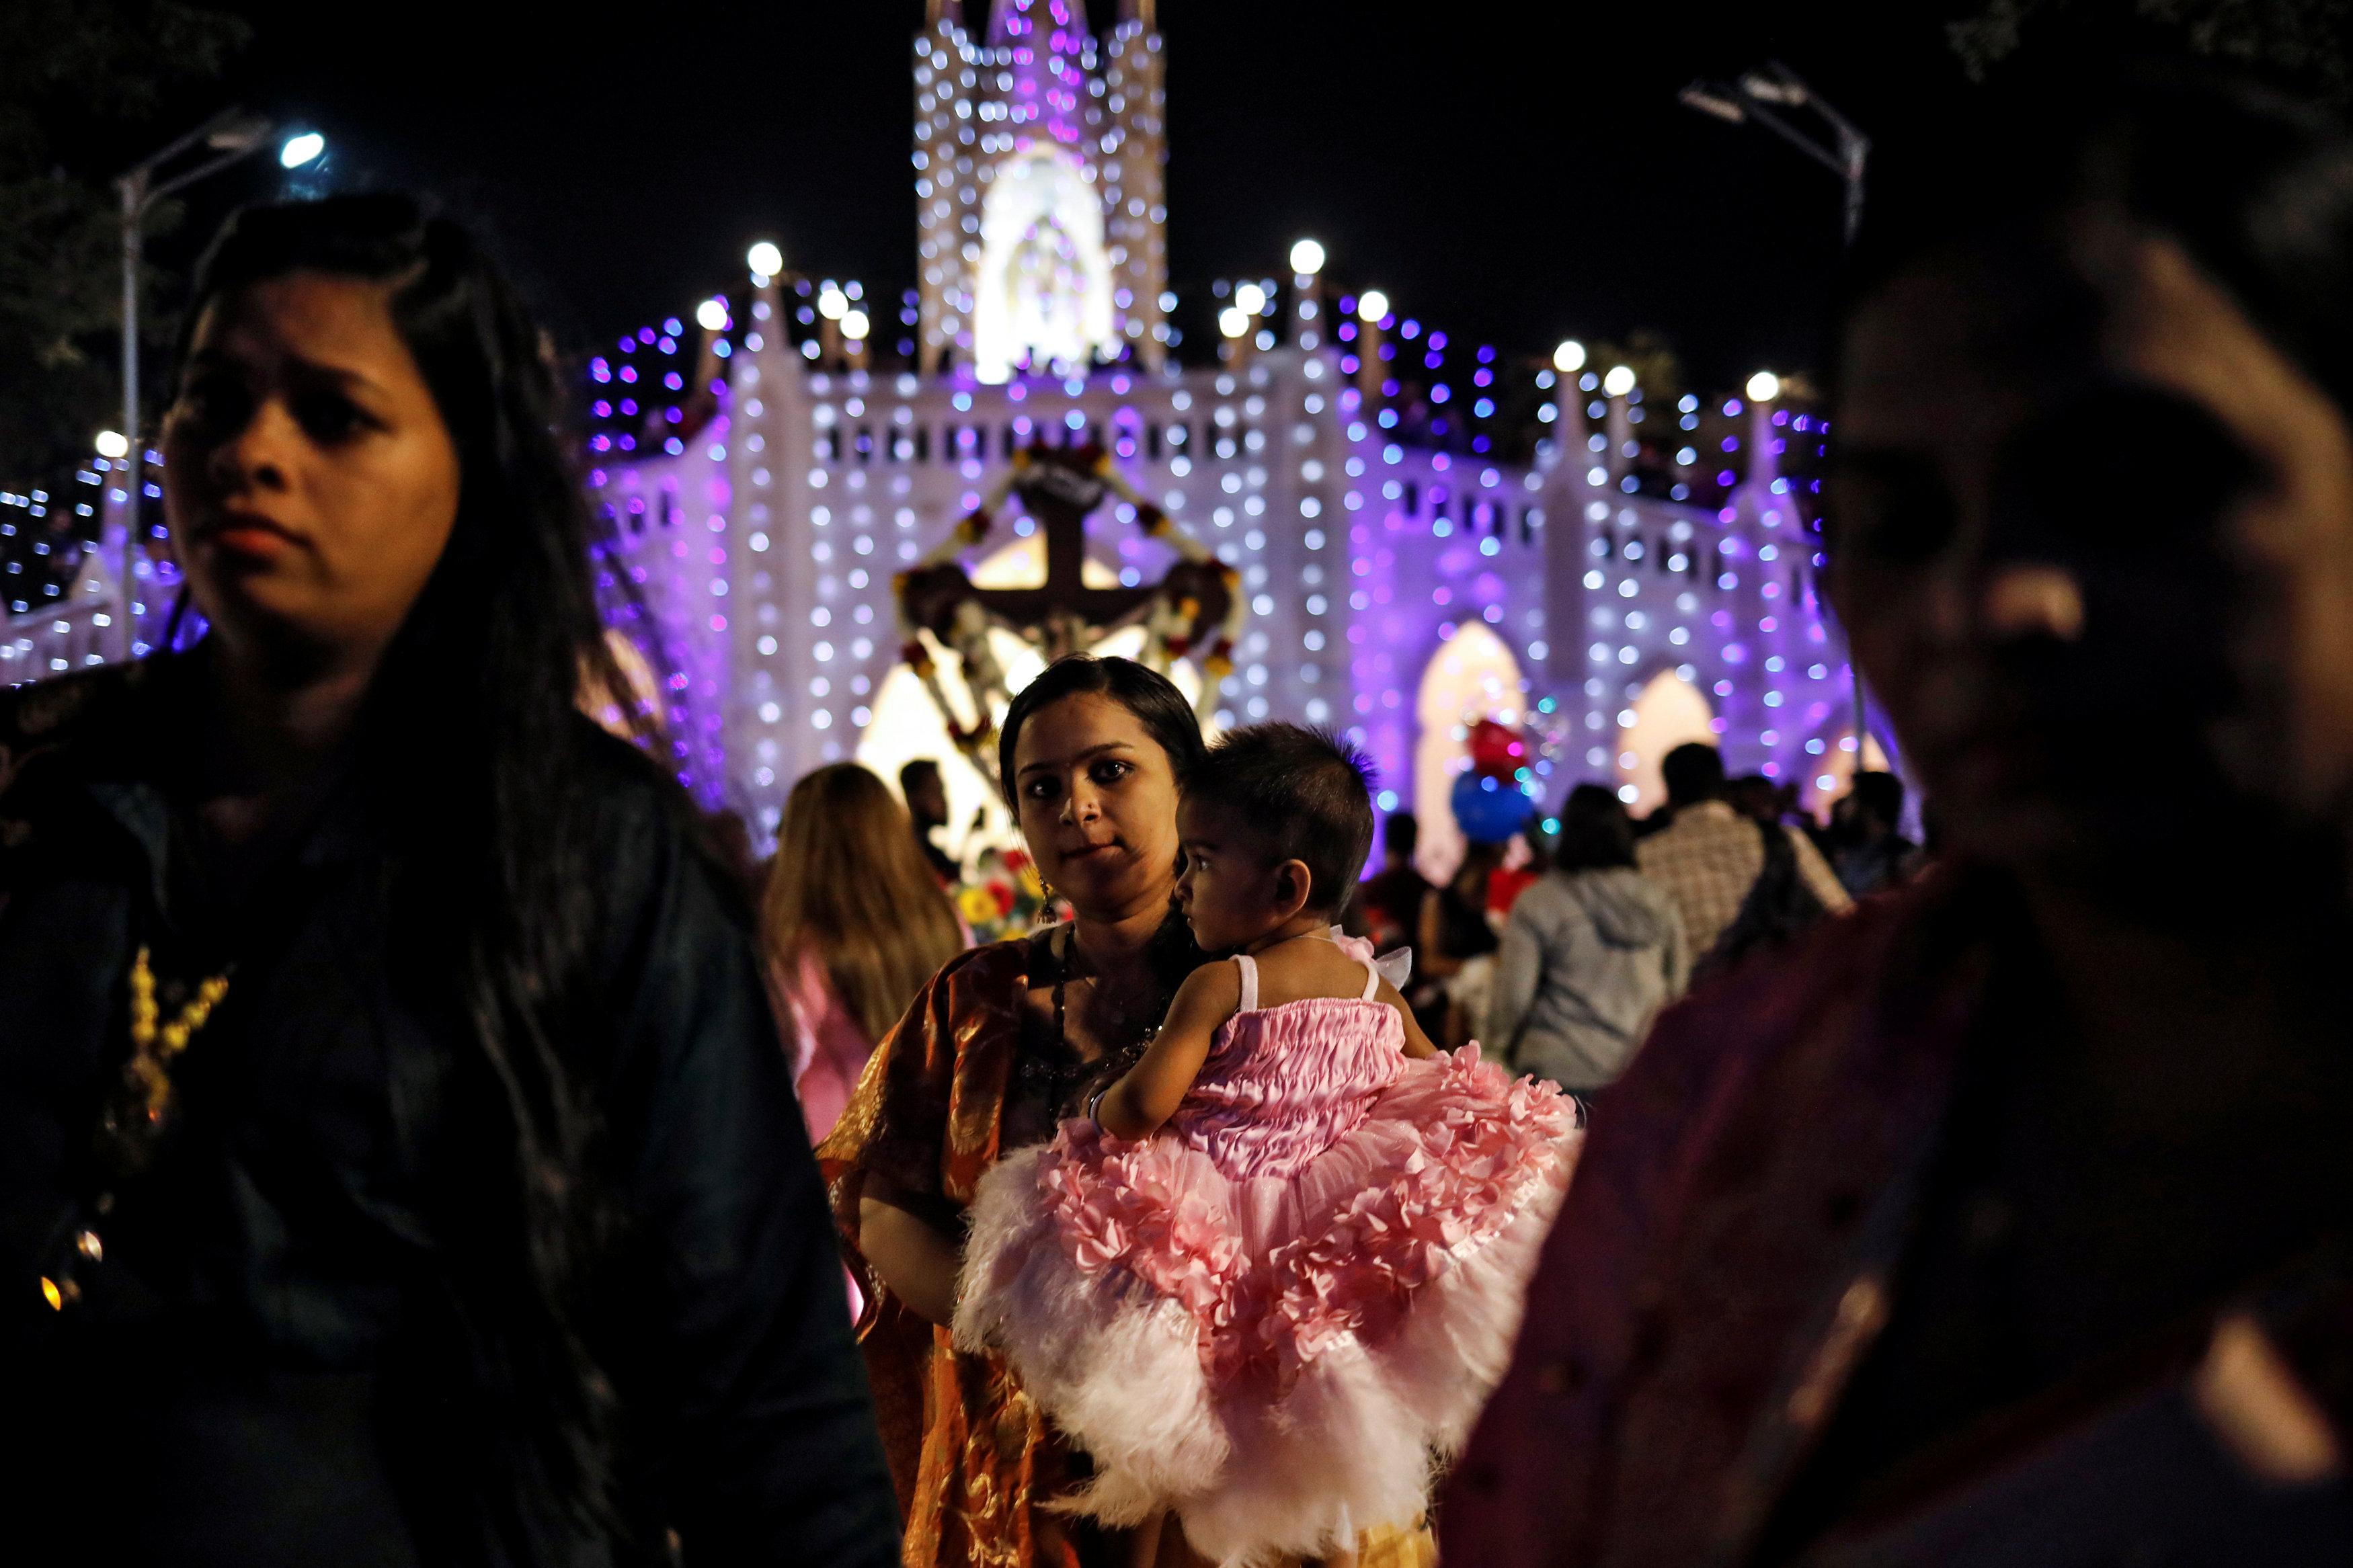 جانب من احتفالات أعياد الميلاد فى الهند